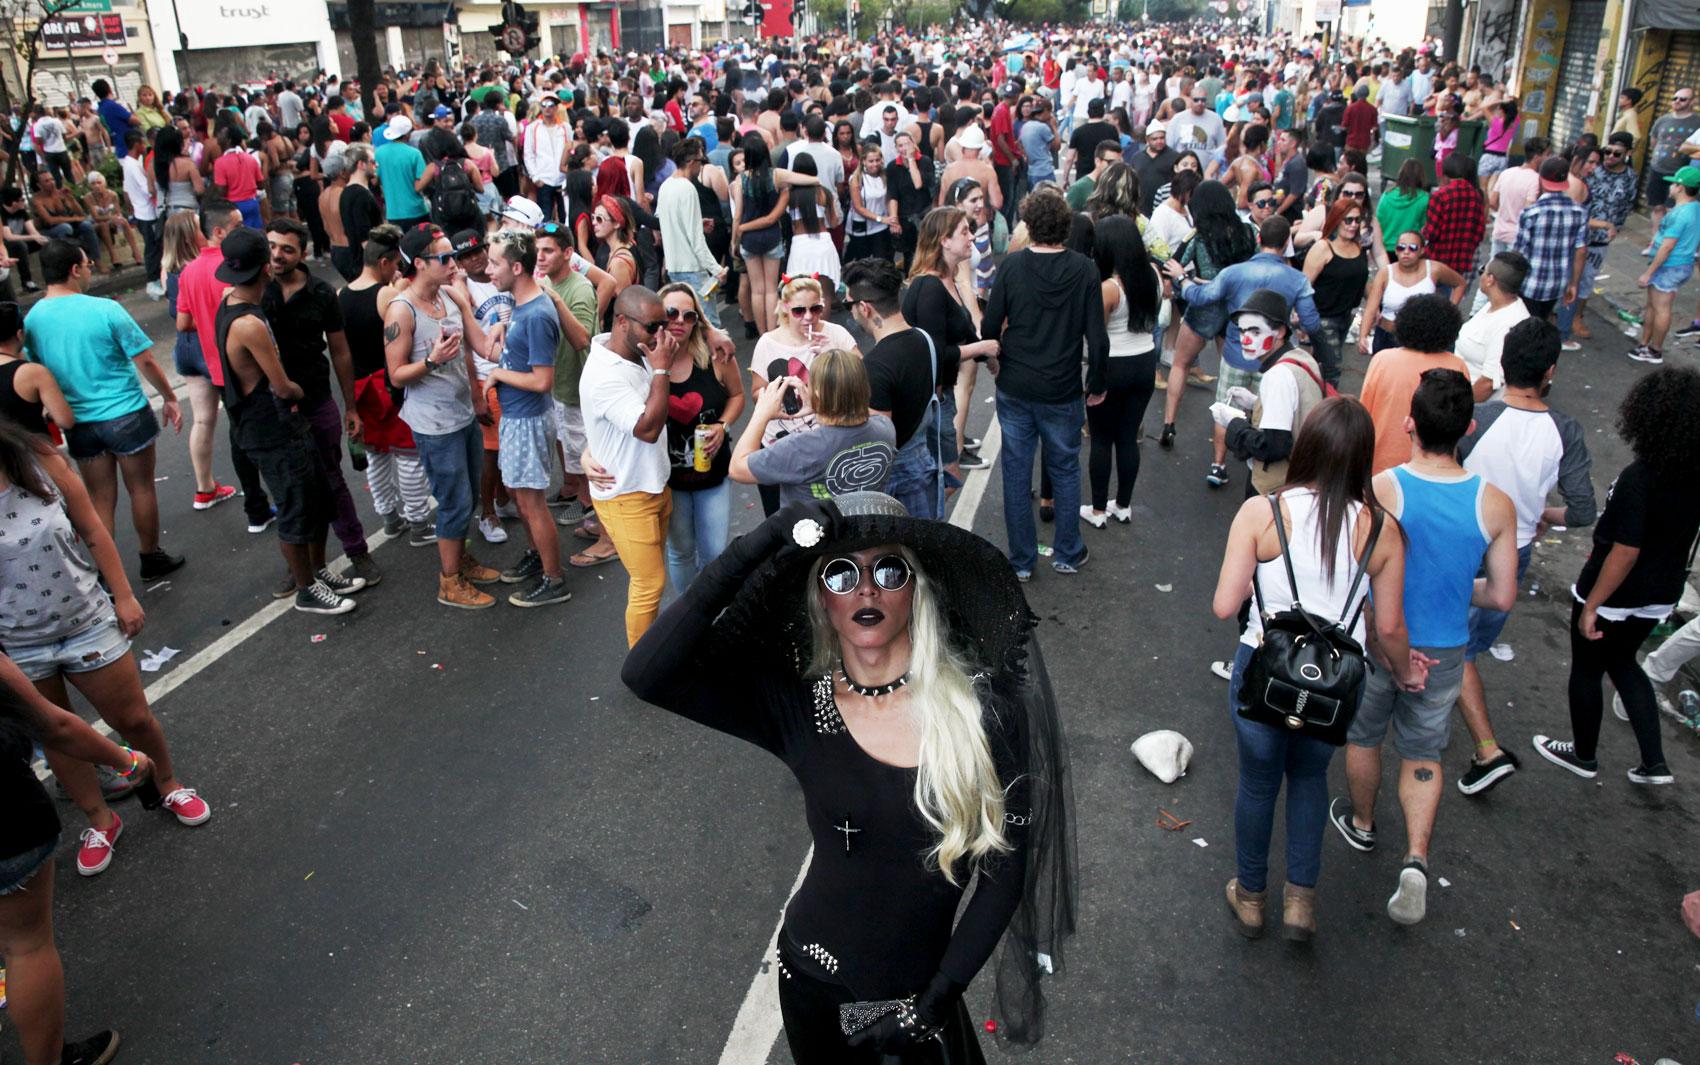 Participante posa para fotos durante a 19ª Parada do Orgulho LGBT na Avenida Paulista, neste domingo (7)